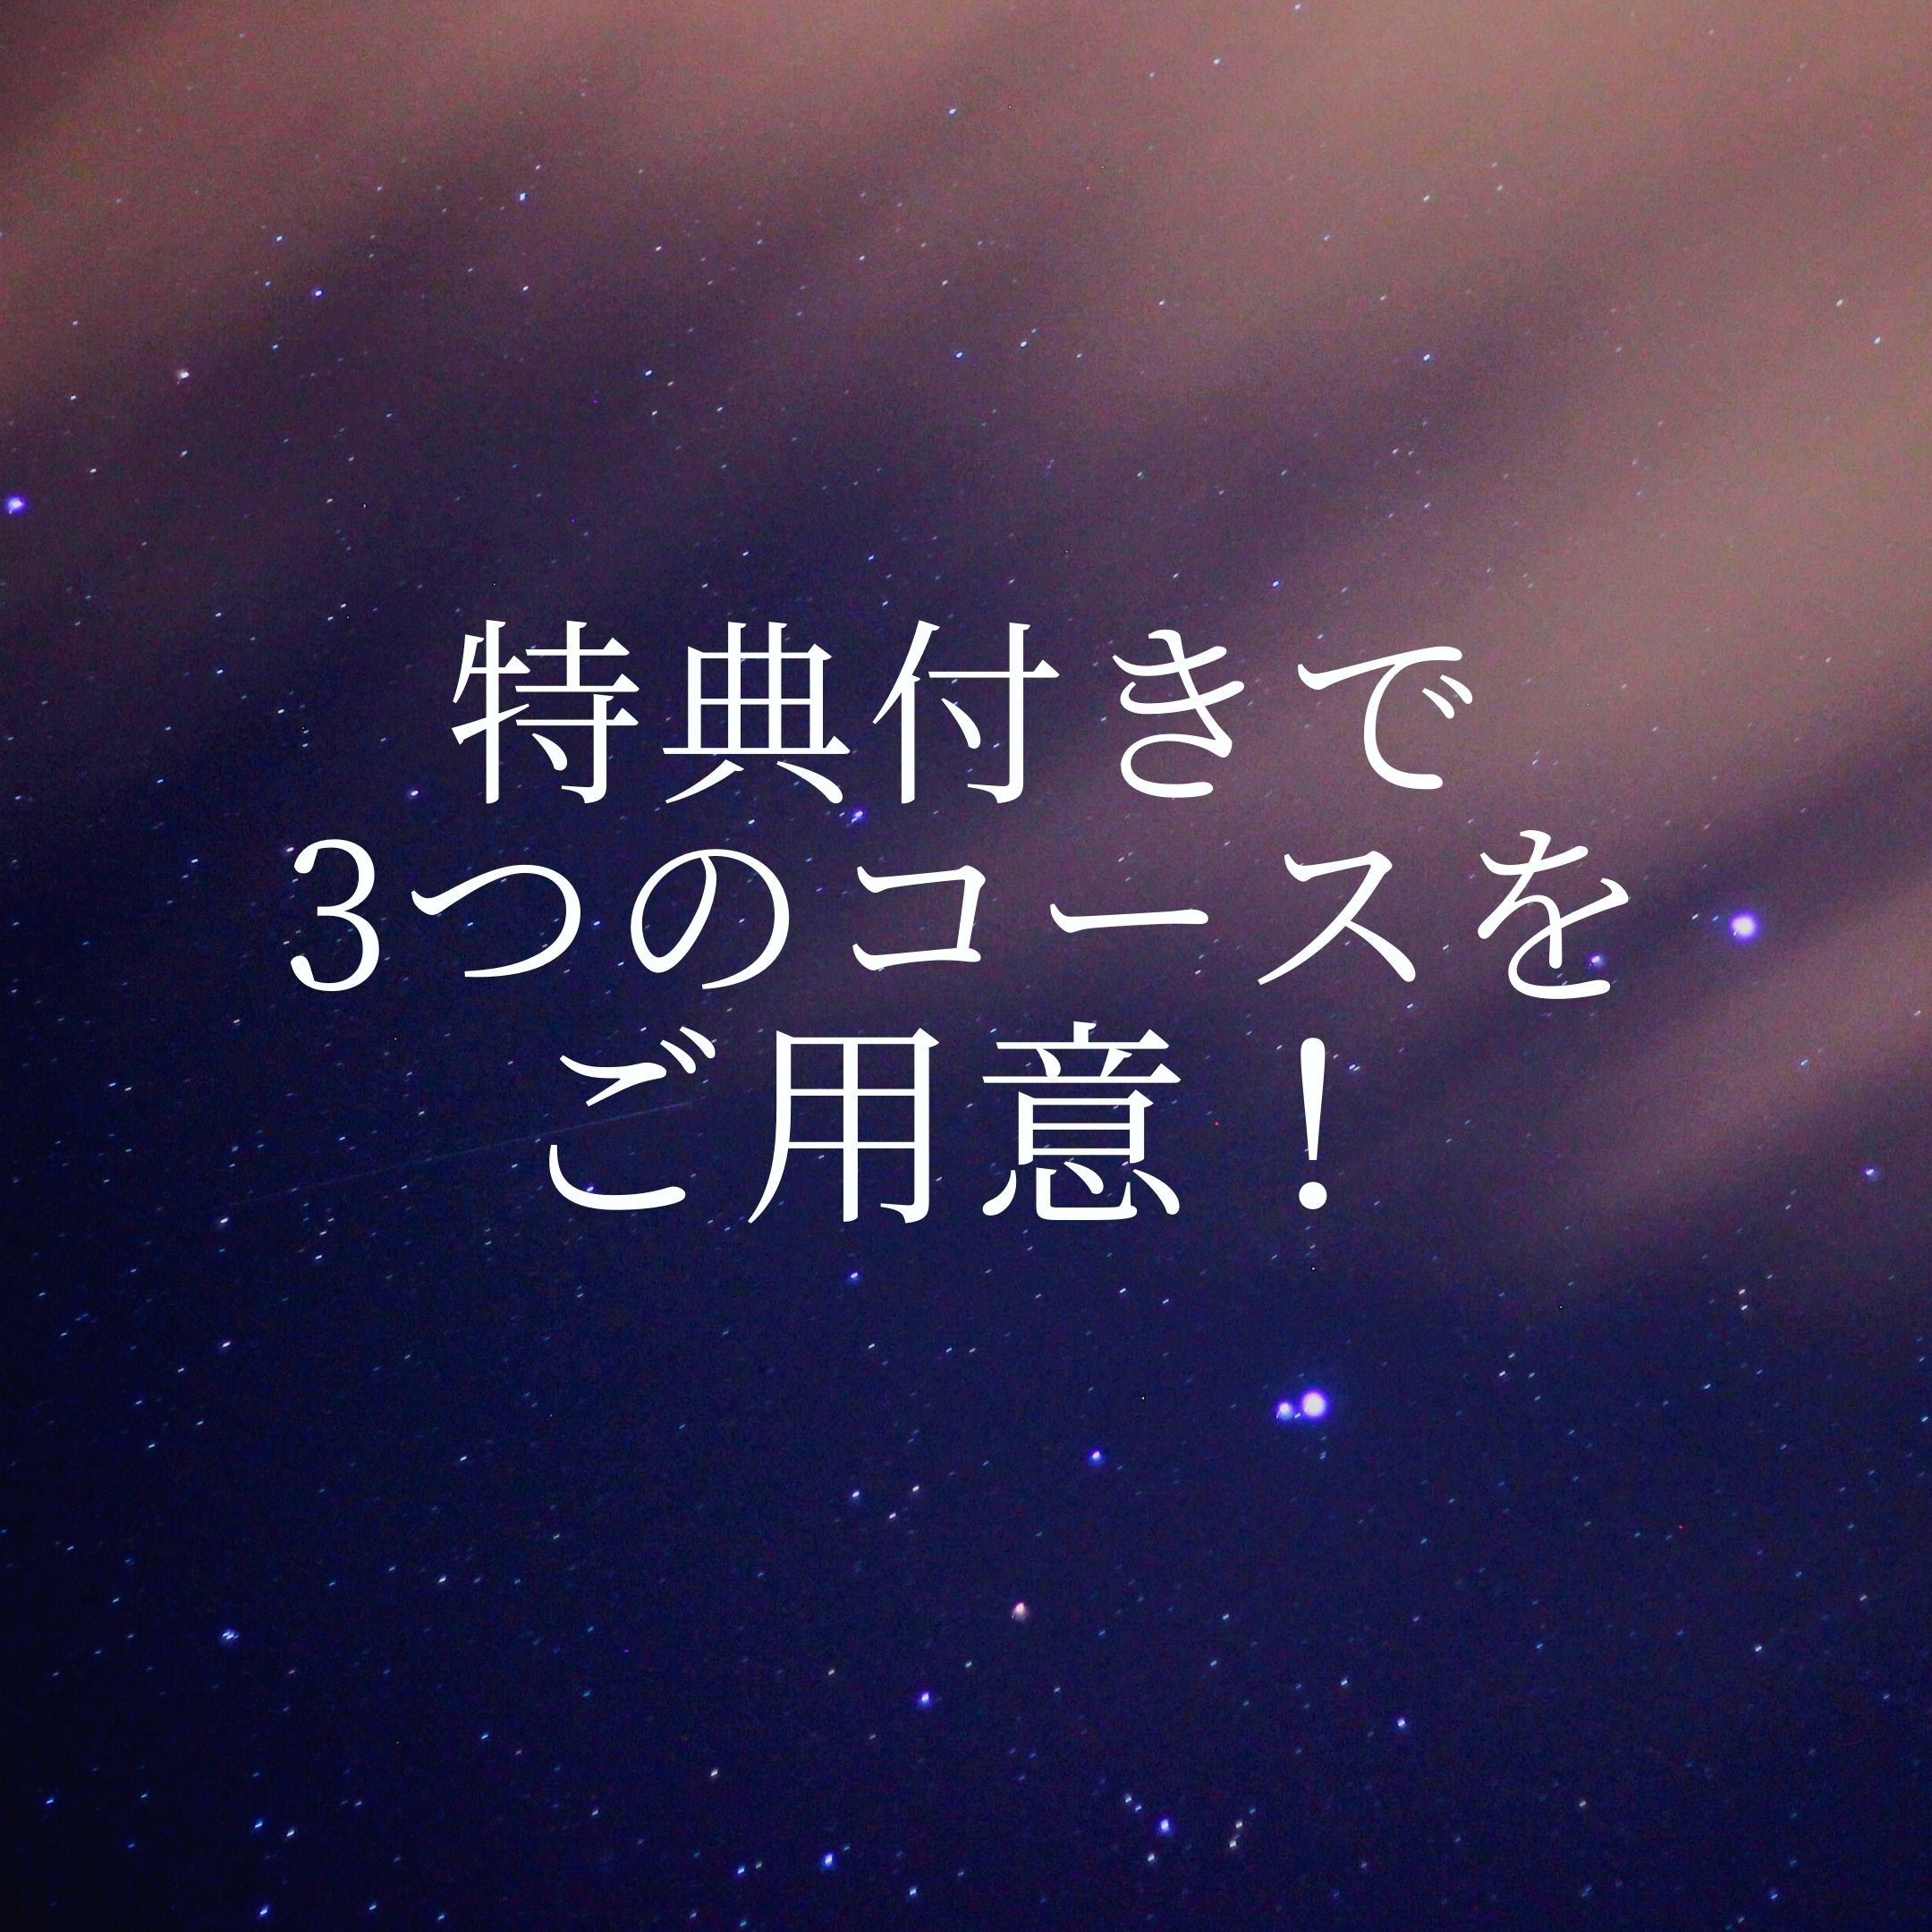 【コースB】〜高次元からあなただけに届く〜チャネリングメッセージのイメージその4